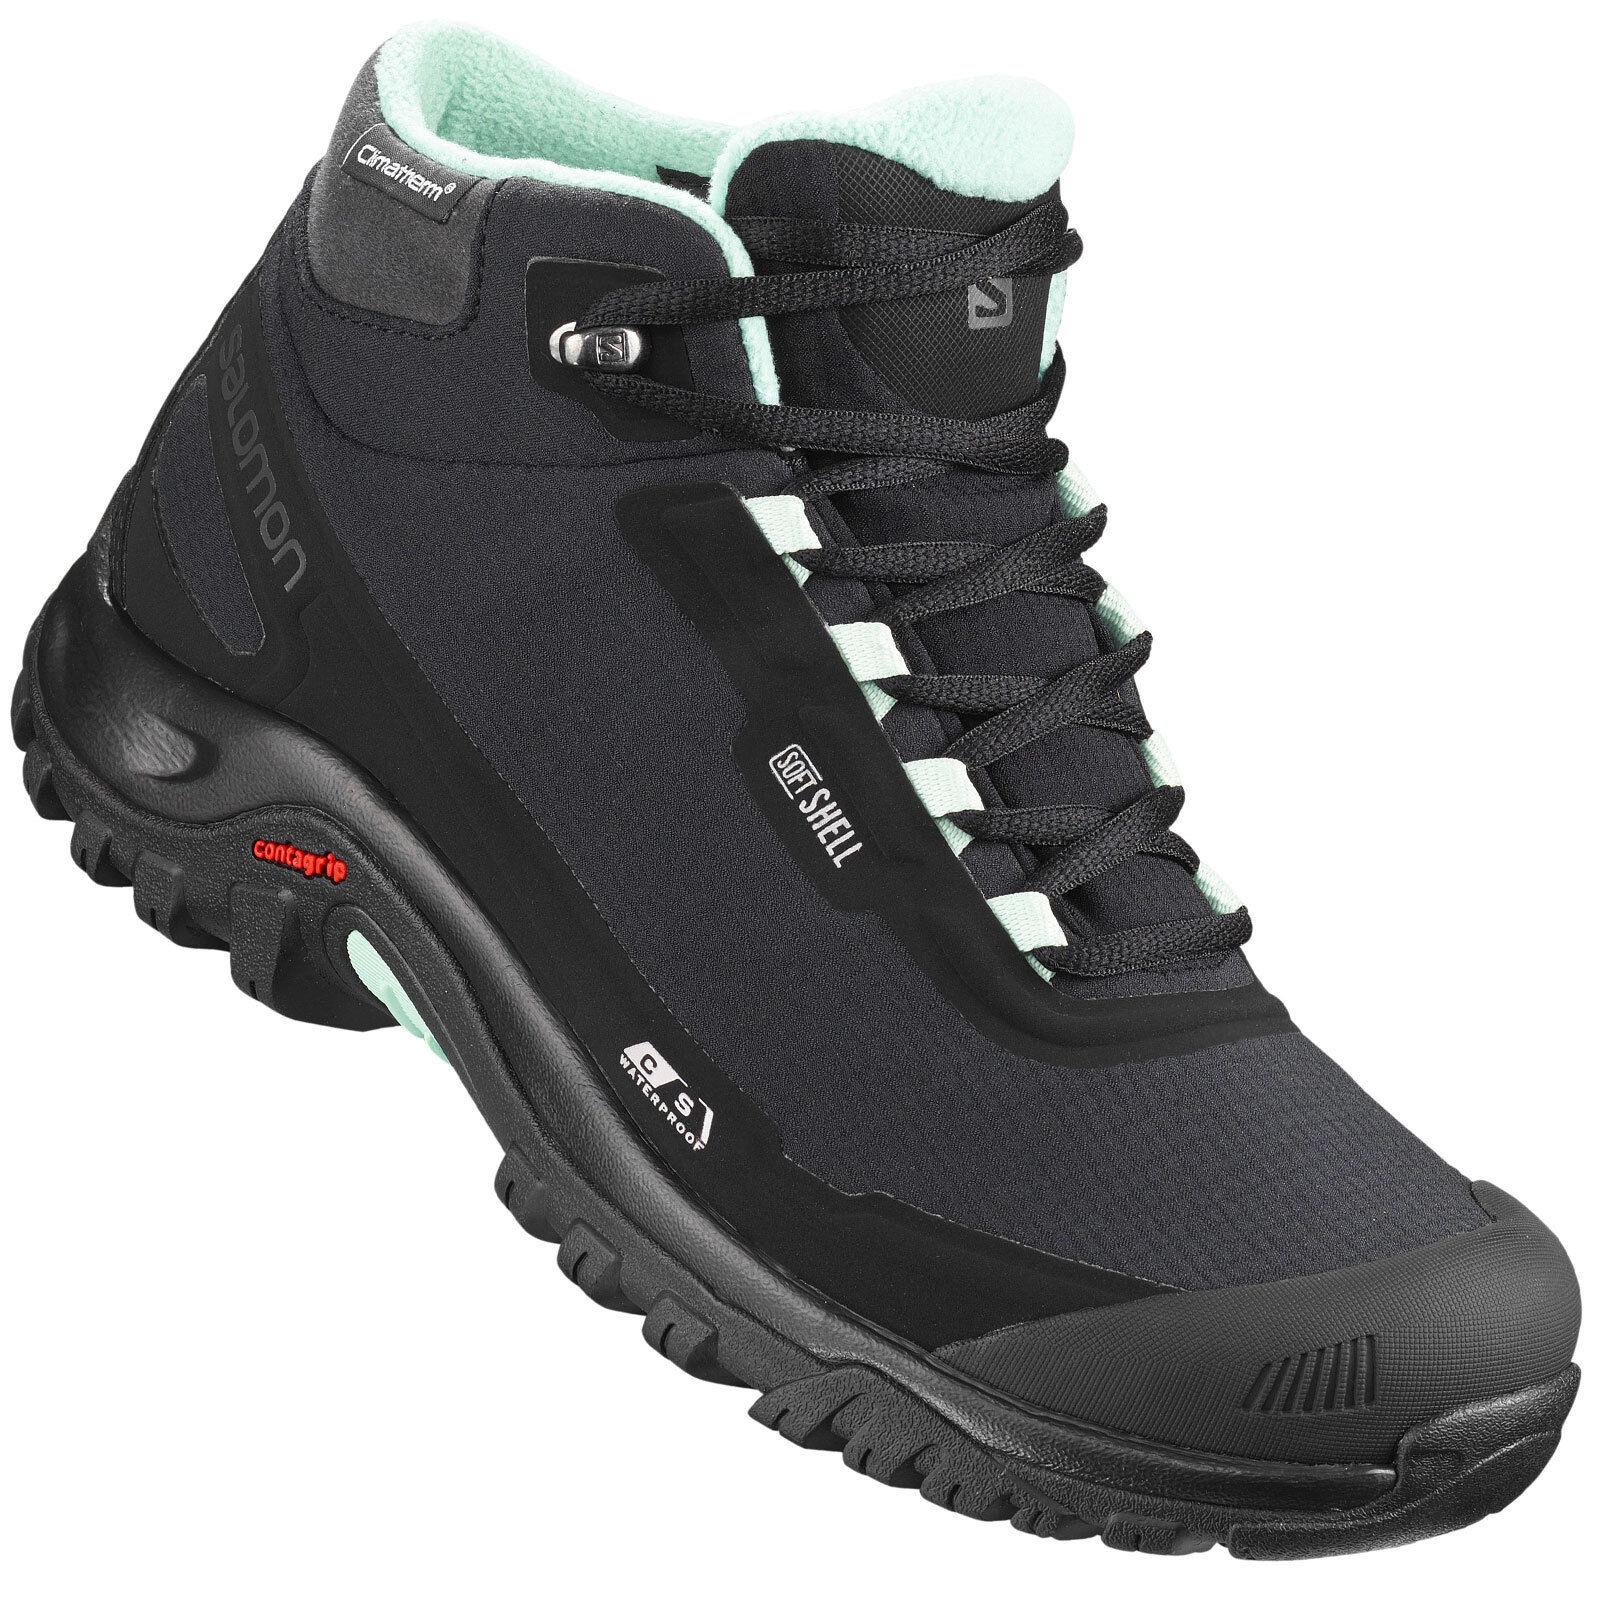 Salomon CSWP -skyddsrum vinterstövlar Kvinnor skor skor skor vattentäta skor  kreditgaranti